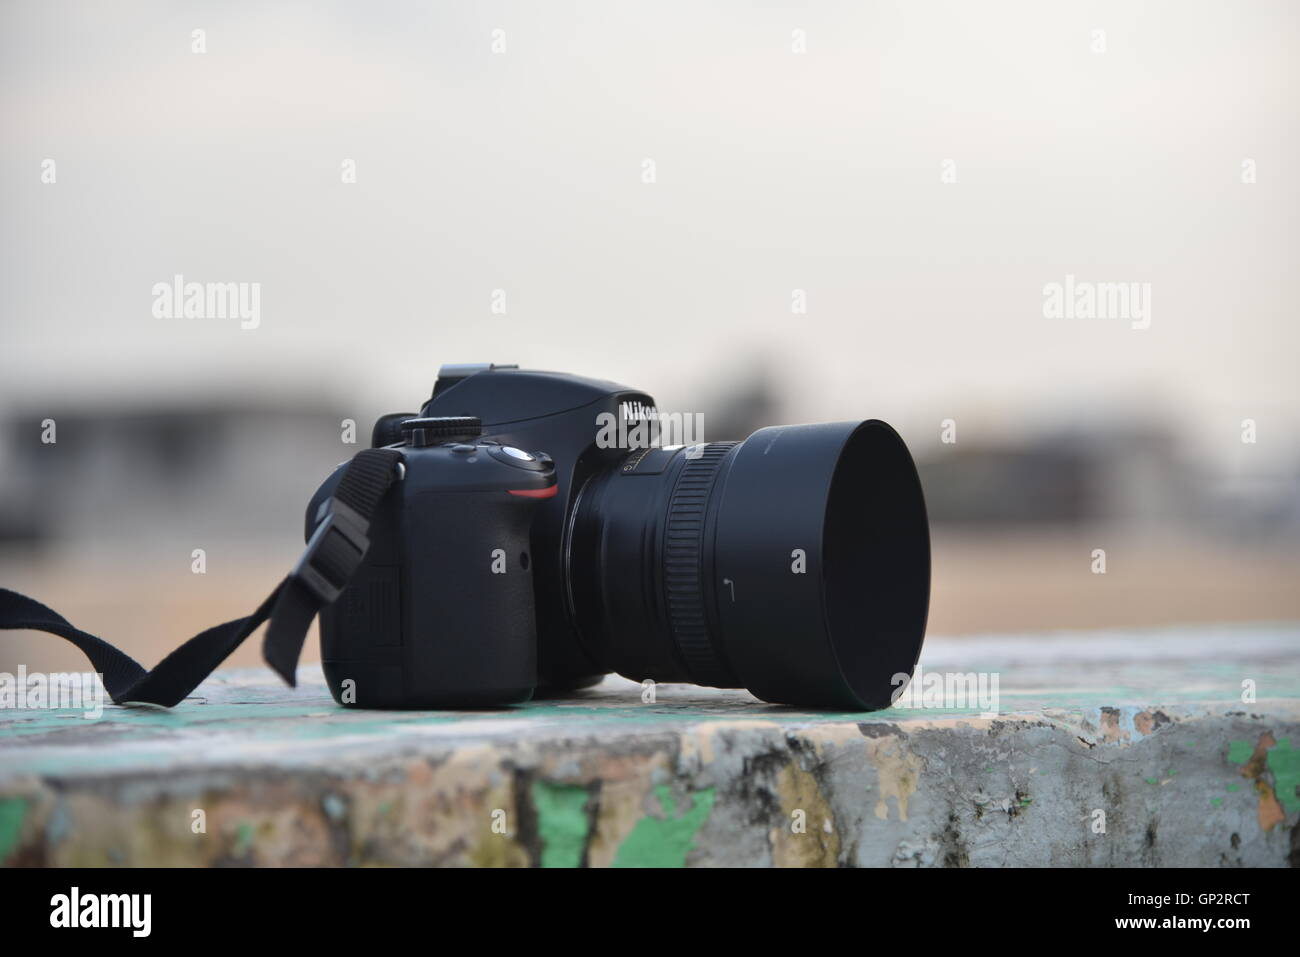 My slr camera Stock Photo